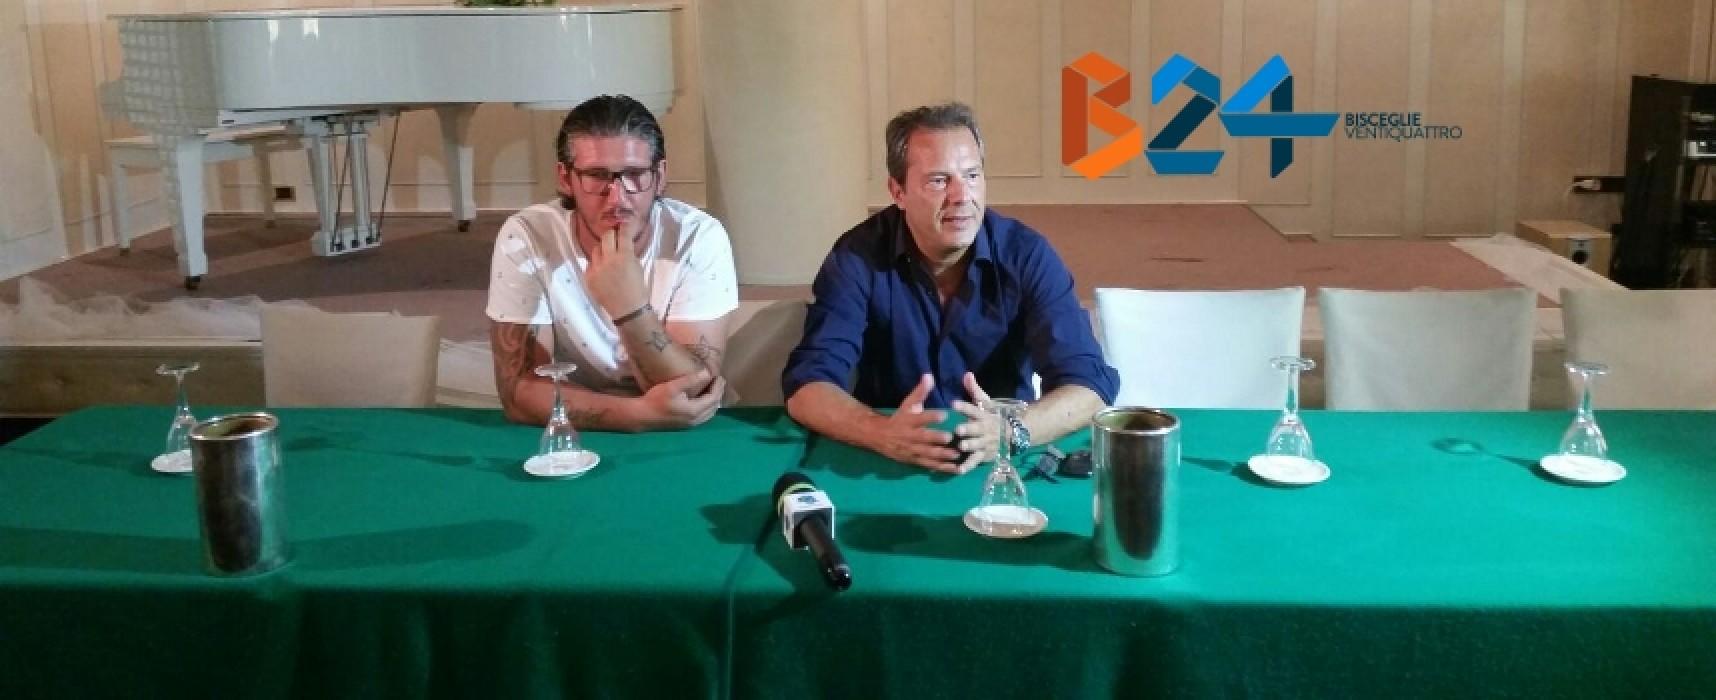 """Crisi Bisceglie calcio, Spina: """"Il sottoscritto chiamato in causa solo sui problemi"""""""